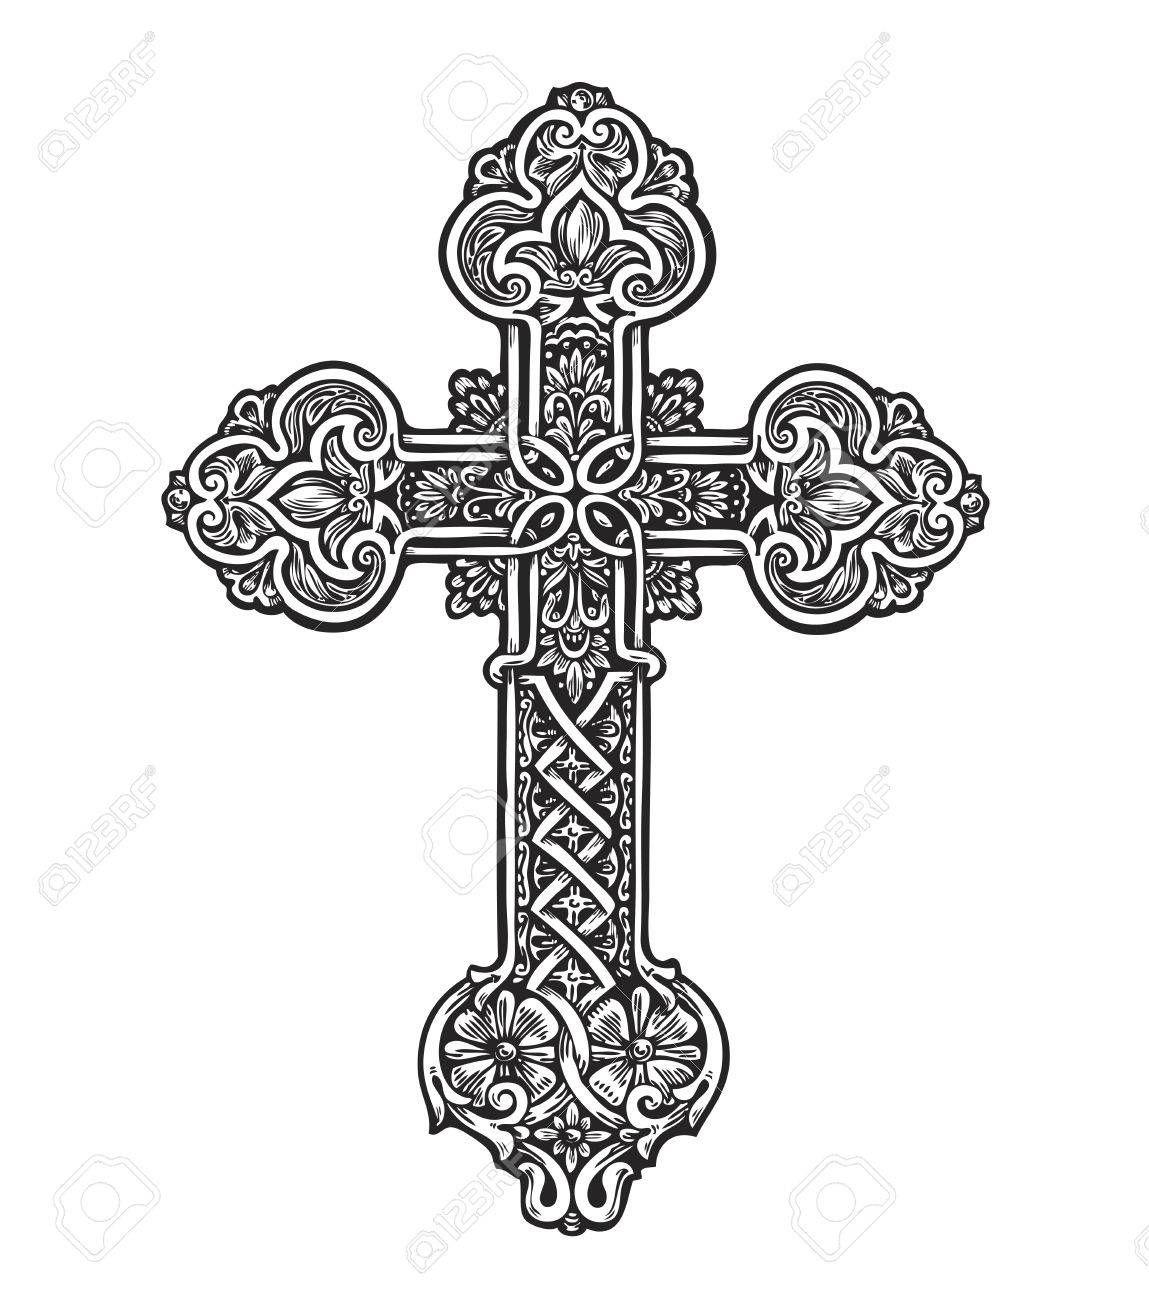 Design tattoo designs . Crucifix clipart ornate cross